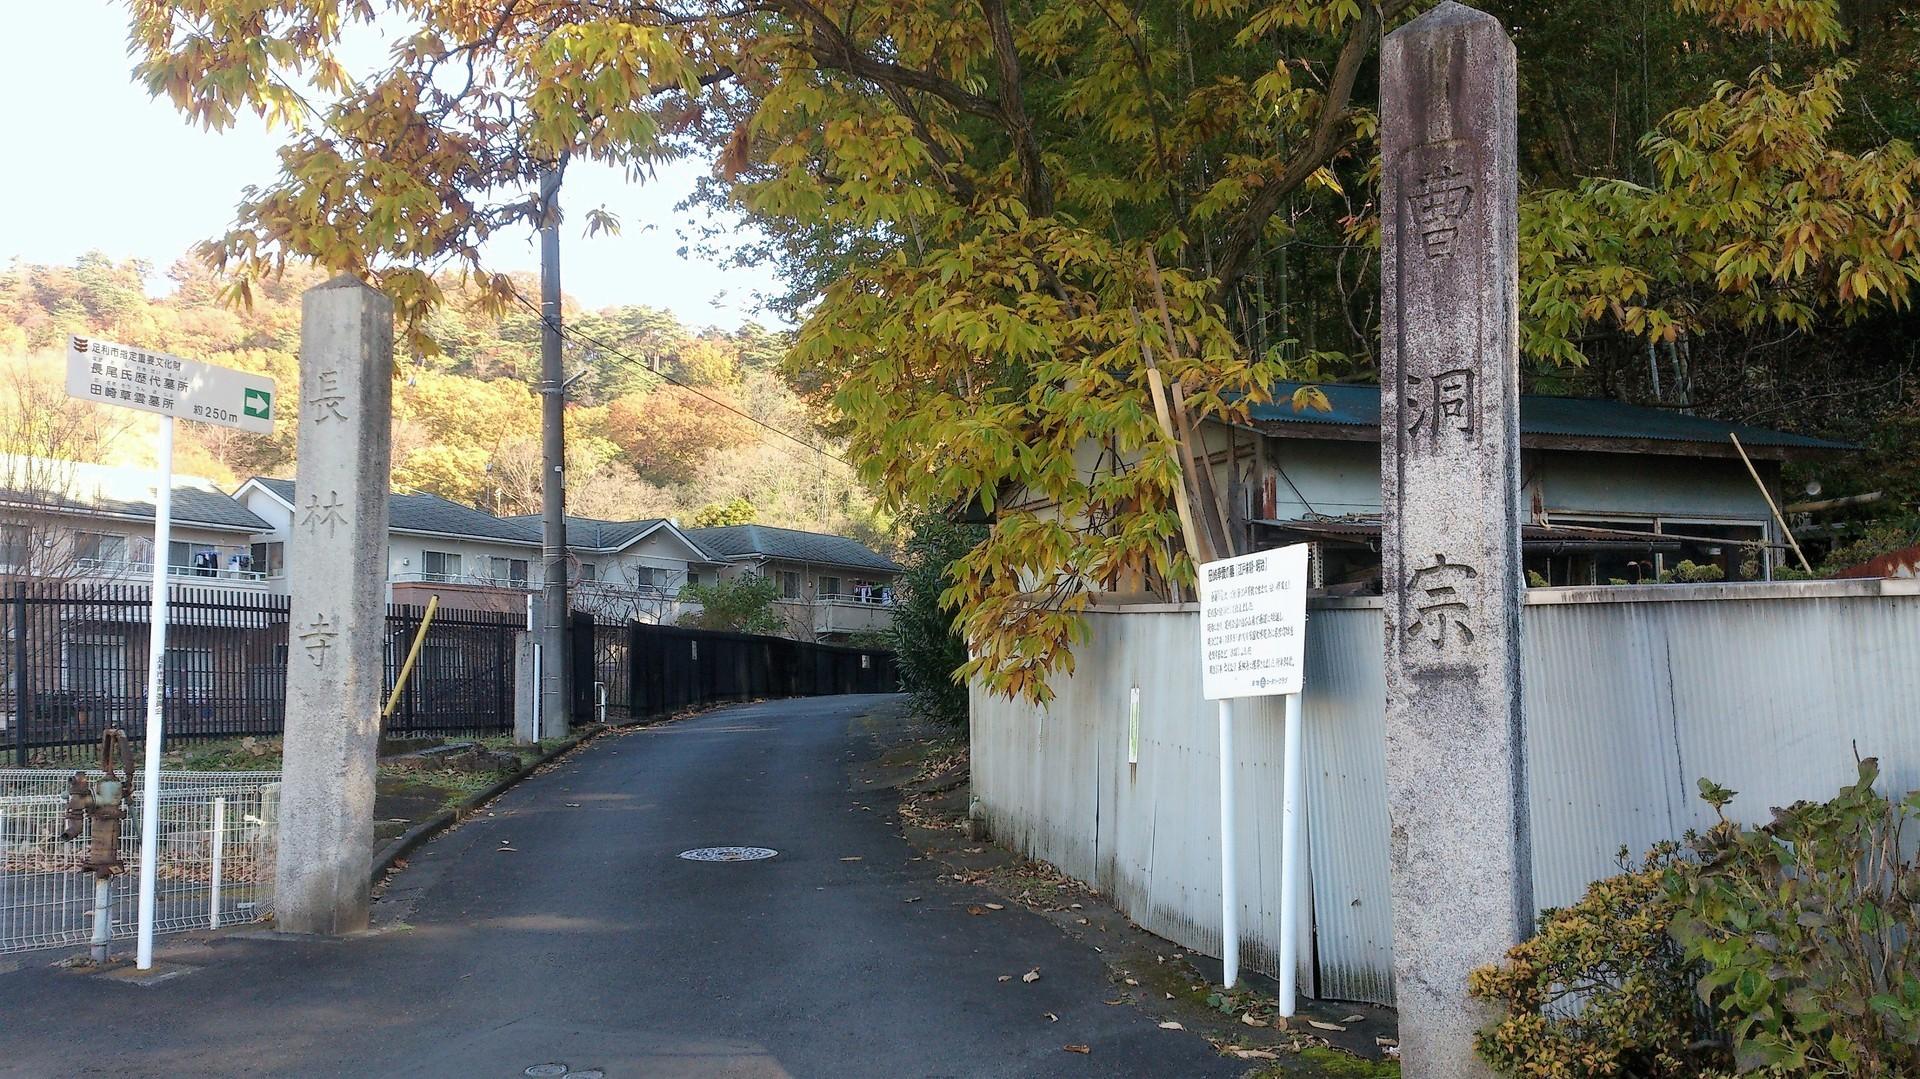 西宮 足利 町 栃木 県 市